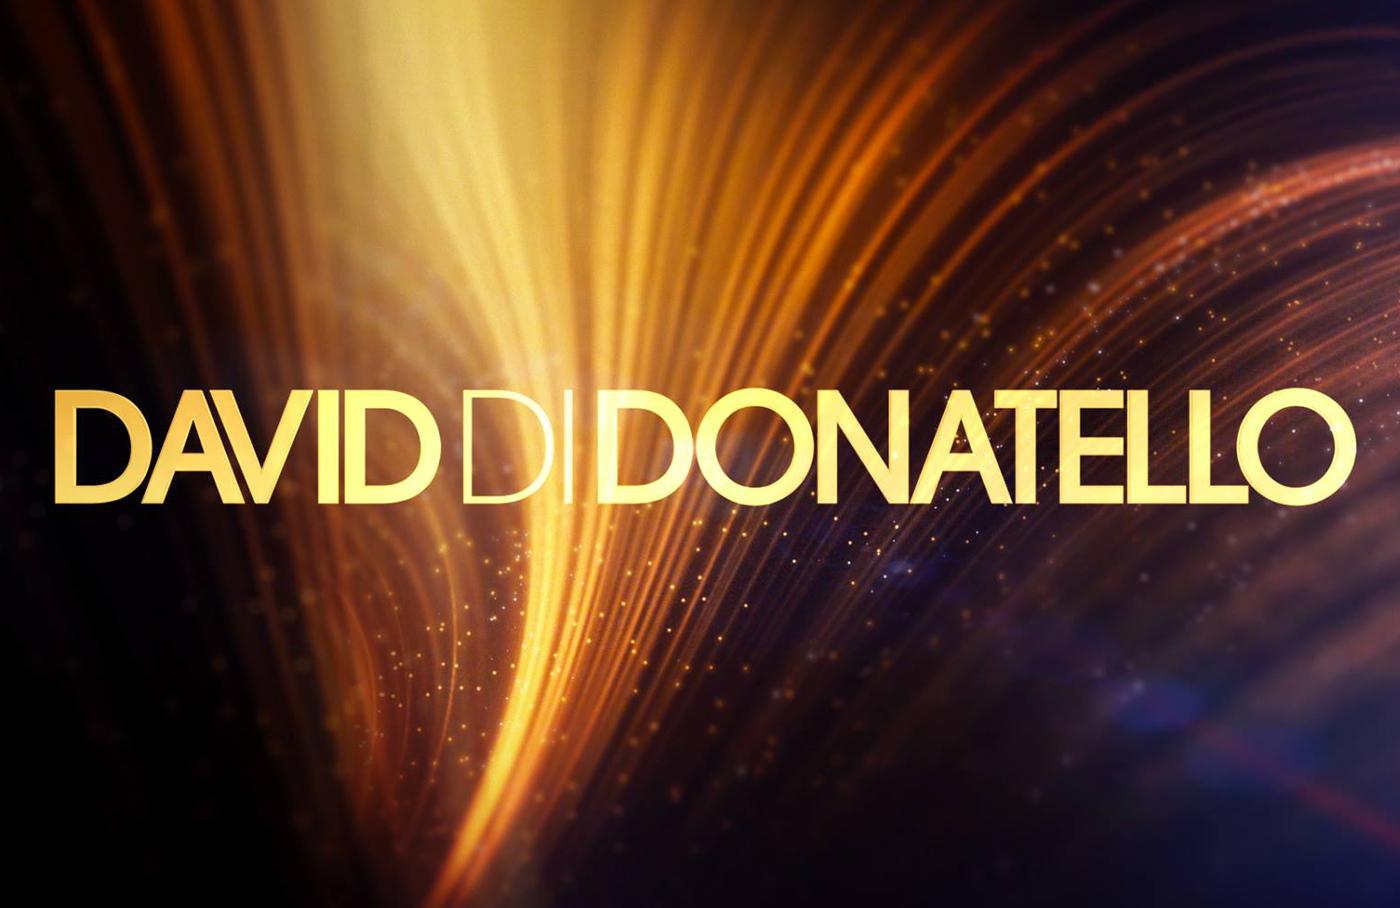 David di Donatello - tutti i vincitori: attori e film premiati